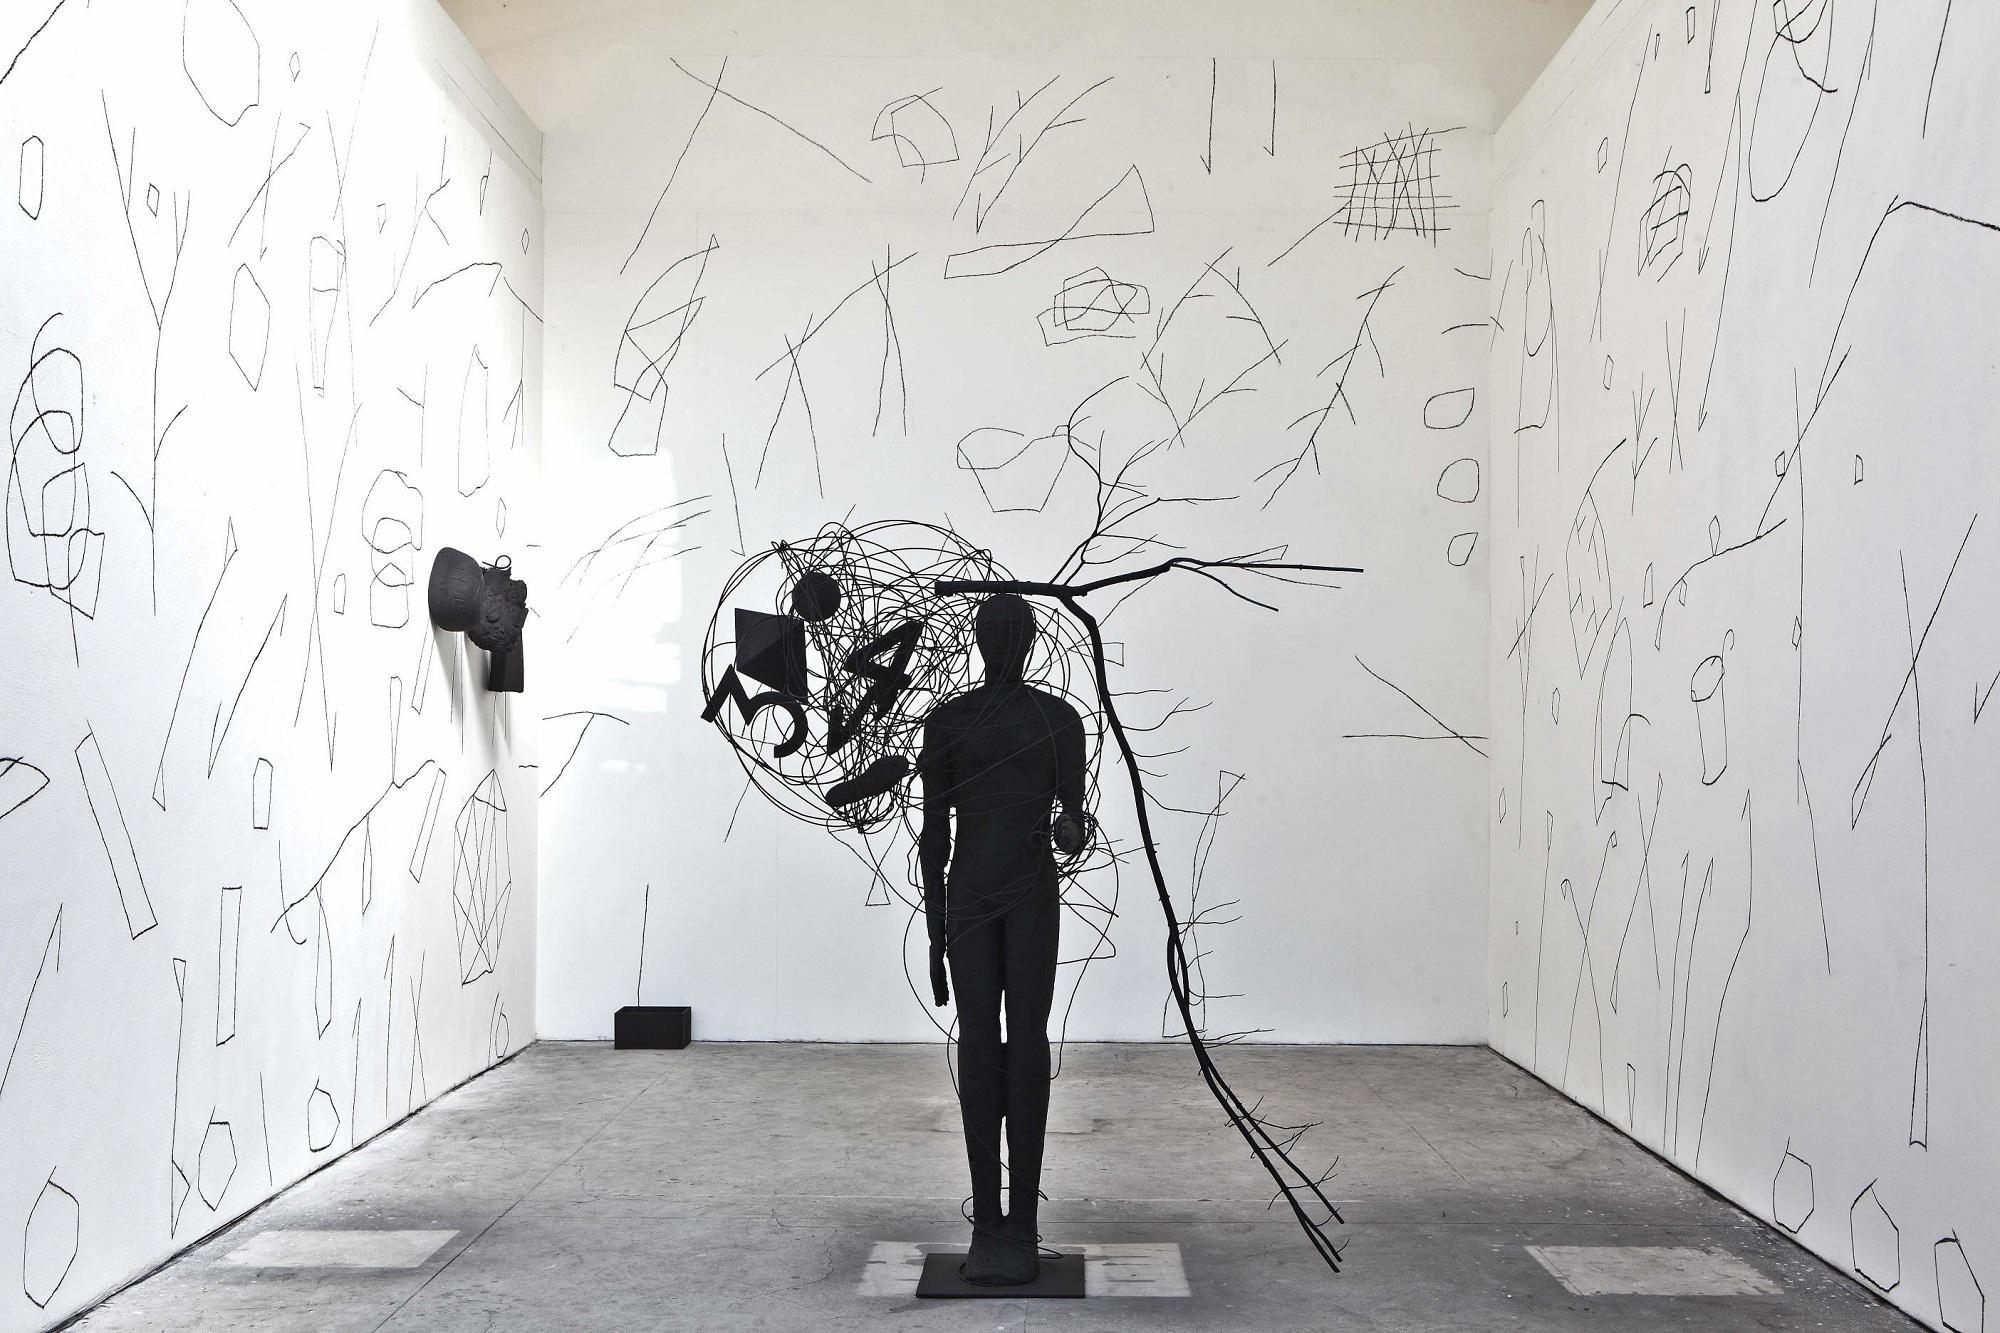 La Biennale di Venezia 2015 - Guida pratica e must see